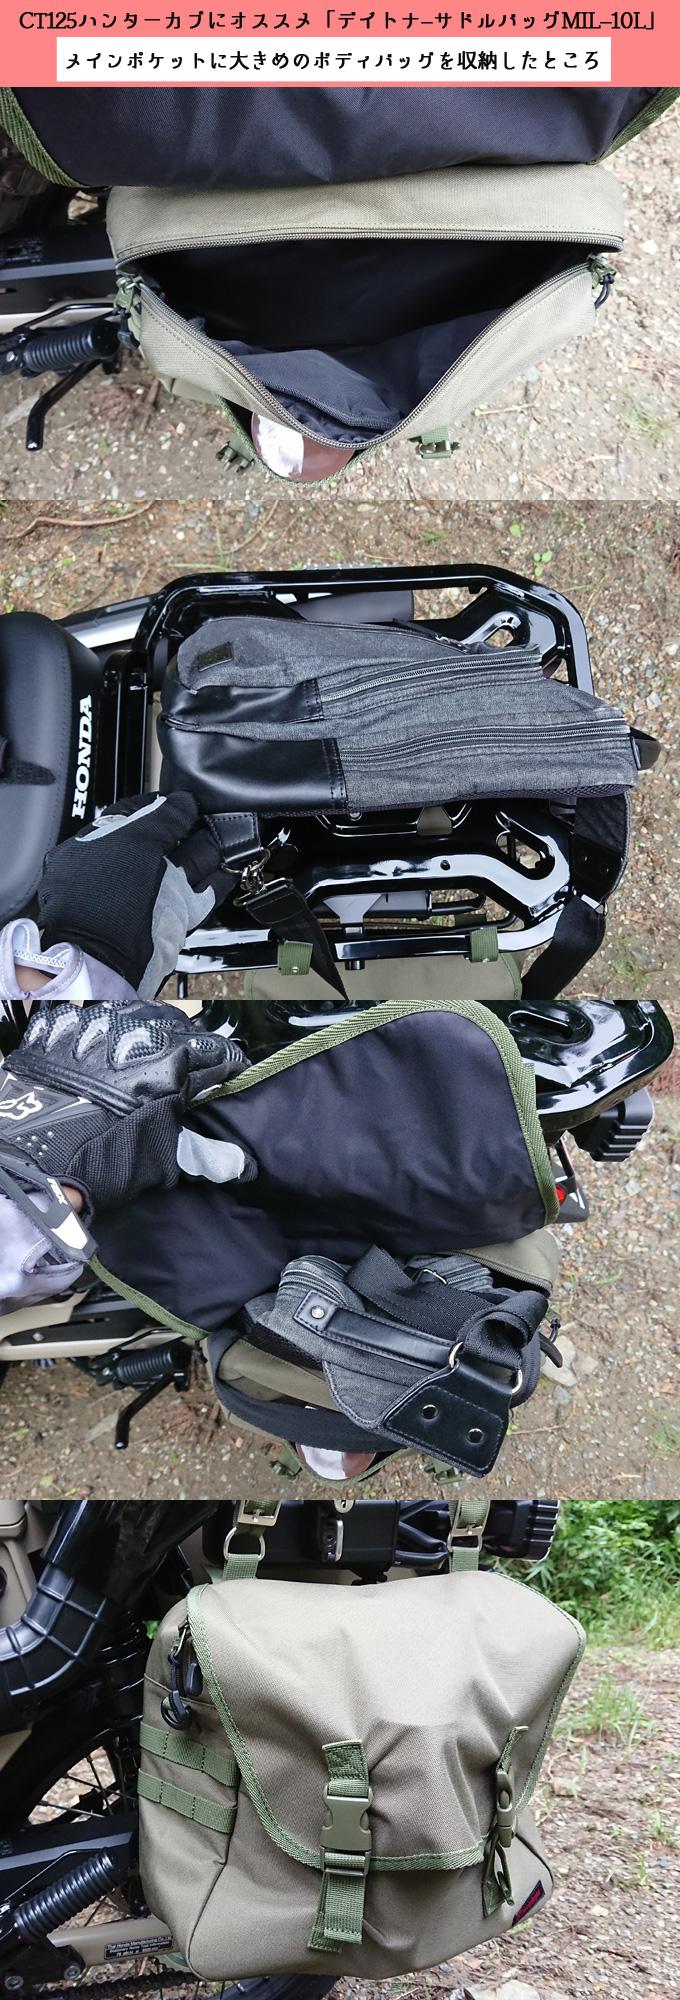 CT125ハンターカブにオススメのサドルバッグ「デイトナ-サドルバッグMIL-10L」メインポケットに大きめのボディバッグを入れたところ